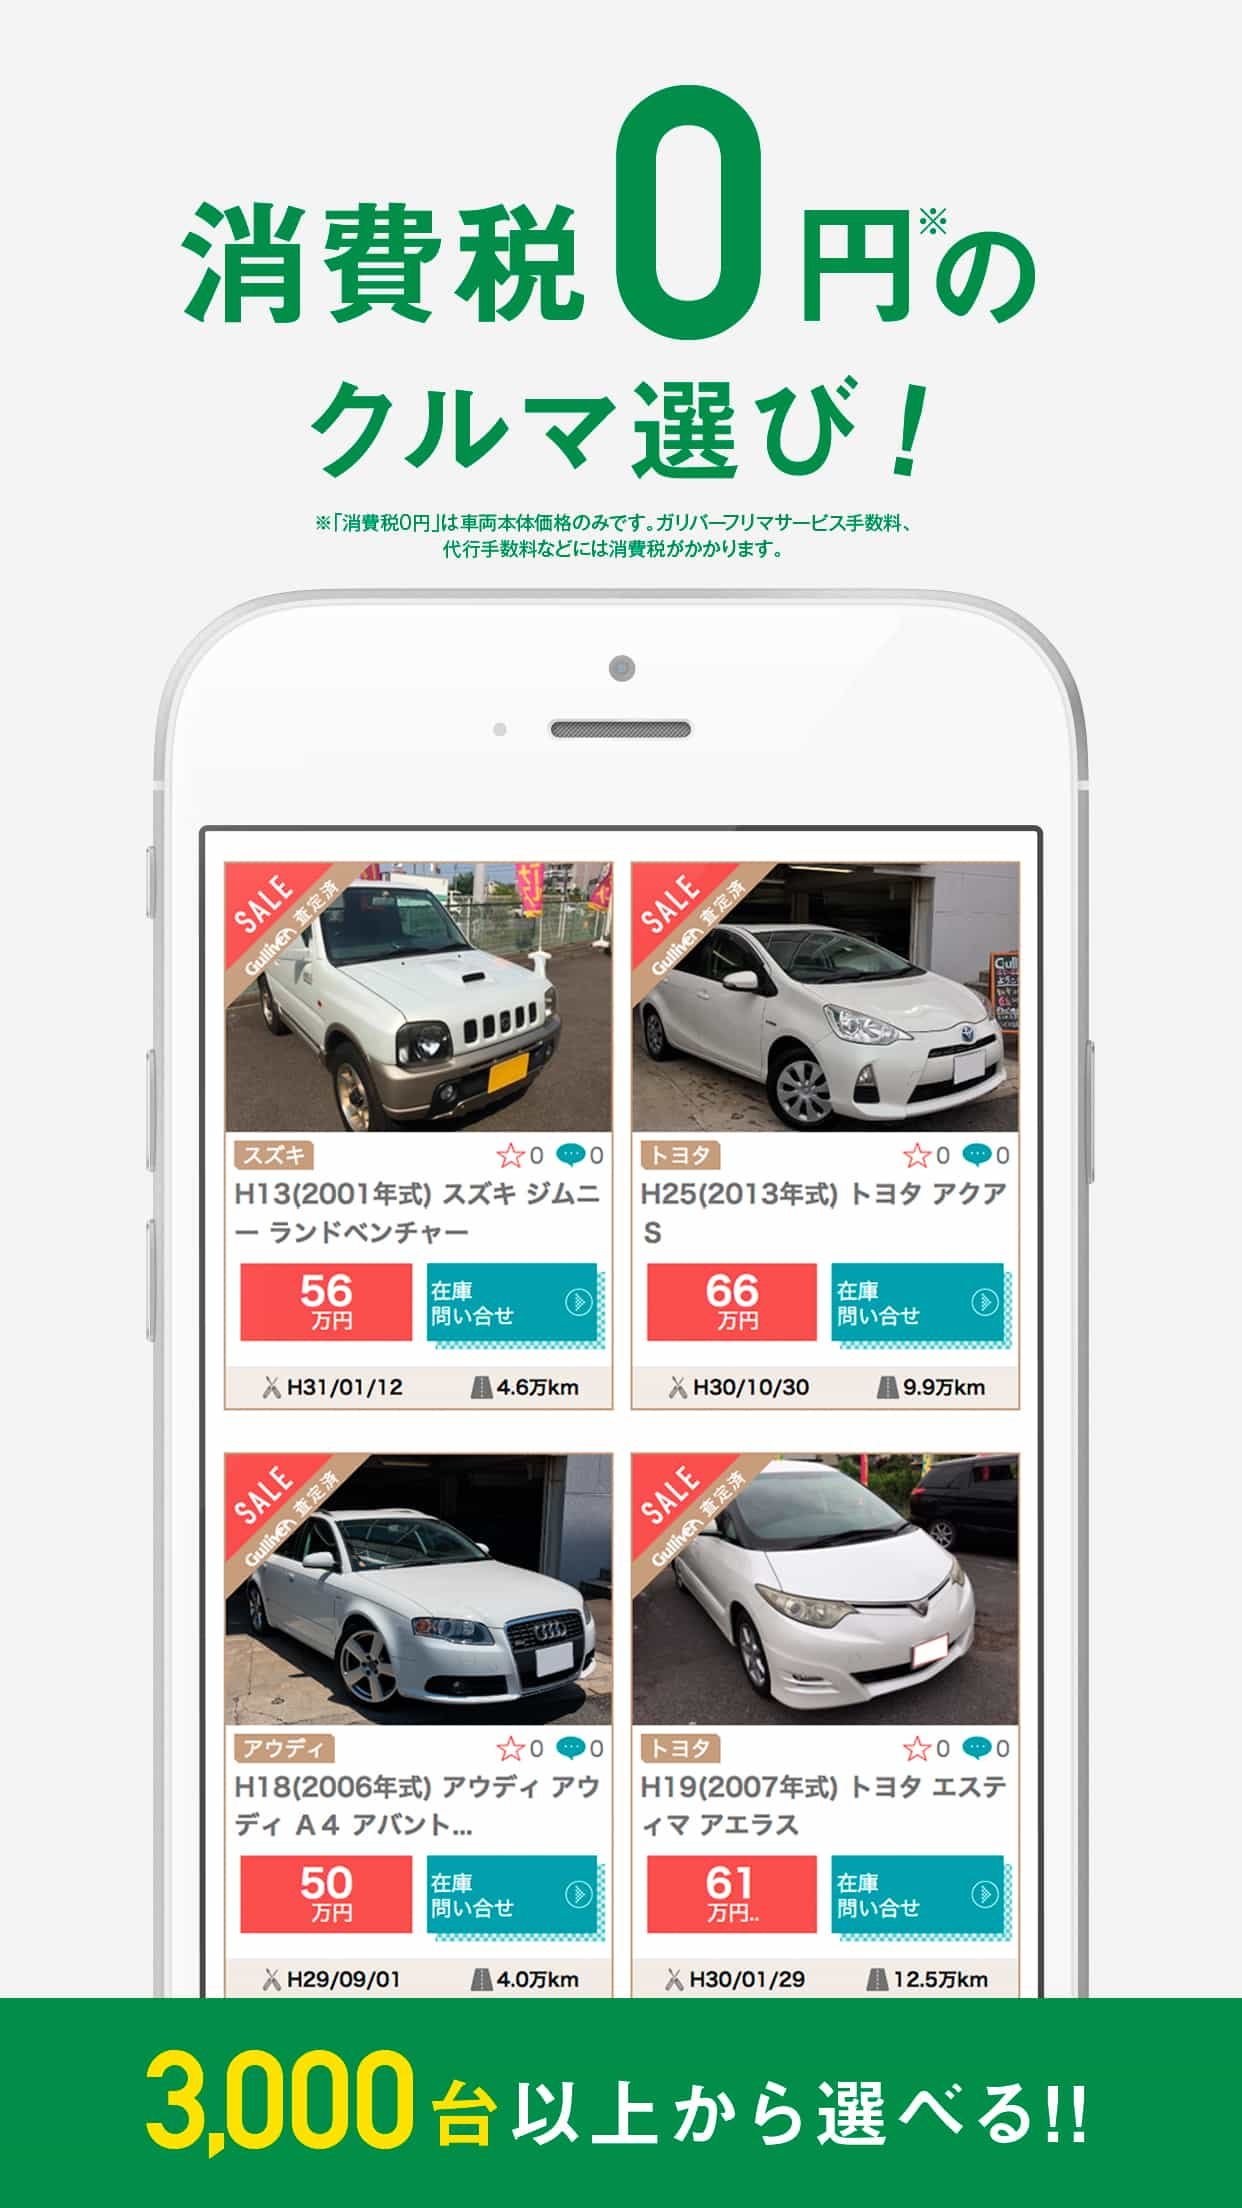 ガリバーフリマの特徴 消費税0円で、3000台以上から選べます